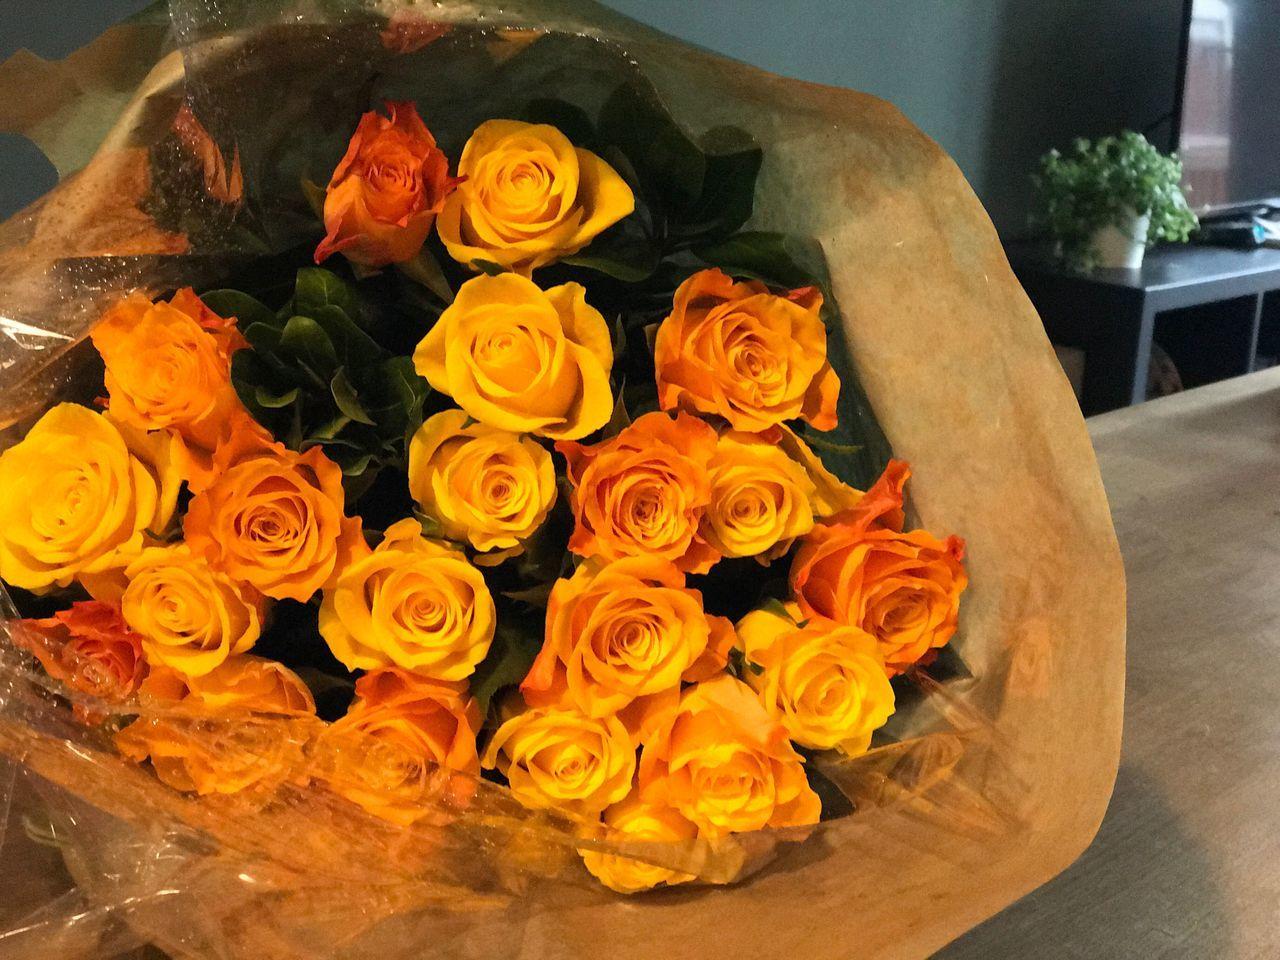 Rose - Flower Nature Flower Freshness Happy 愛アムステルダム 街道をゆく三十五 カメラ好きな人と繋がりたい